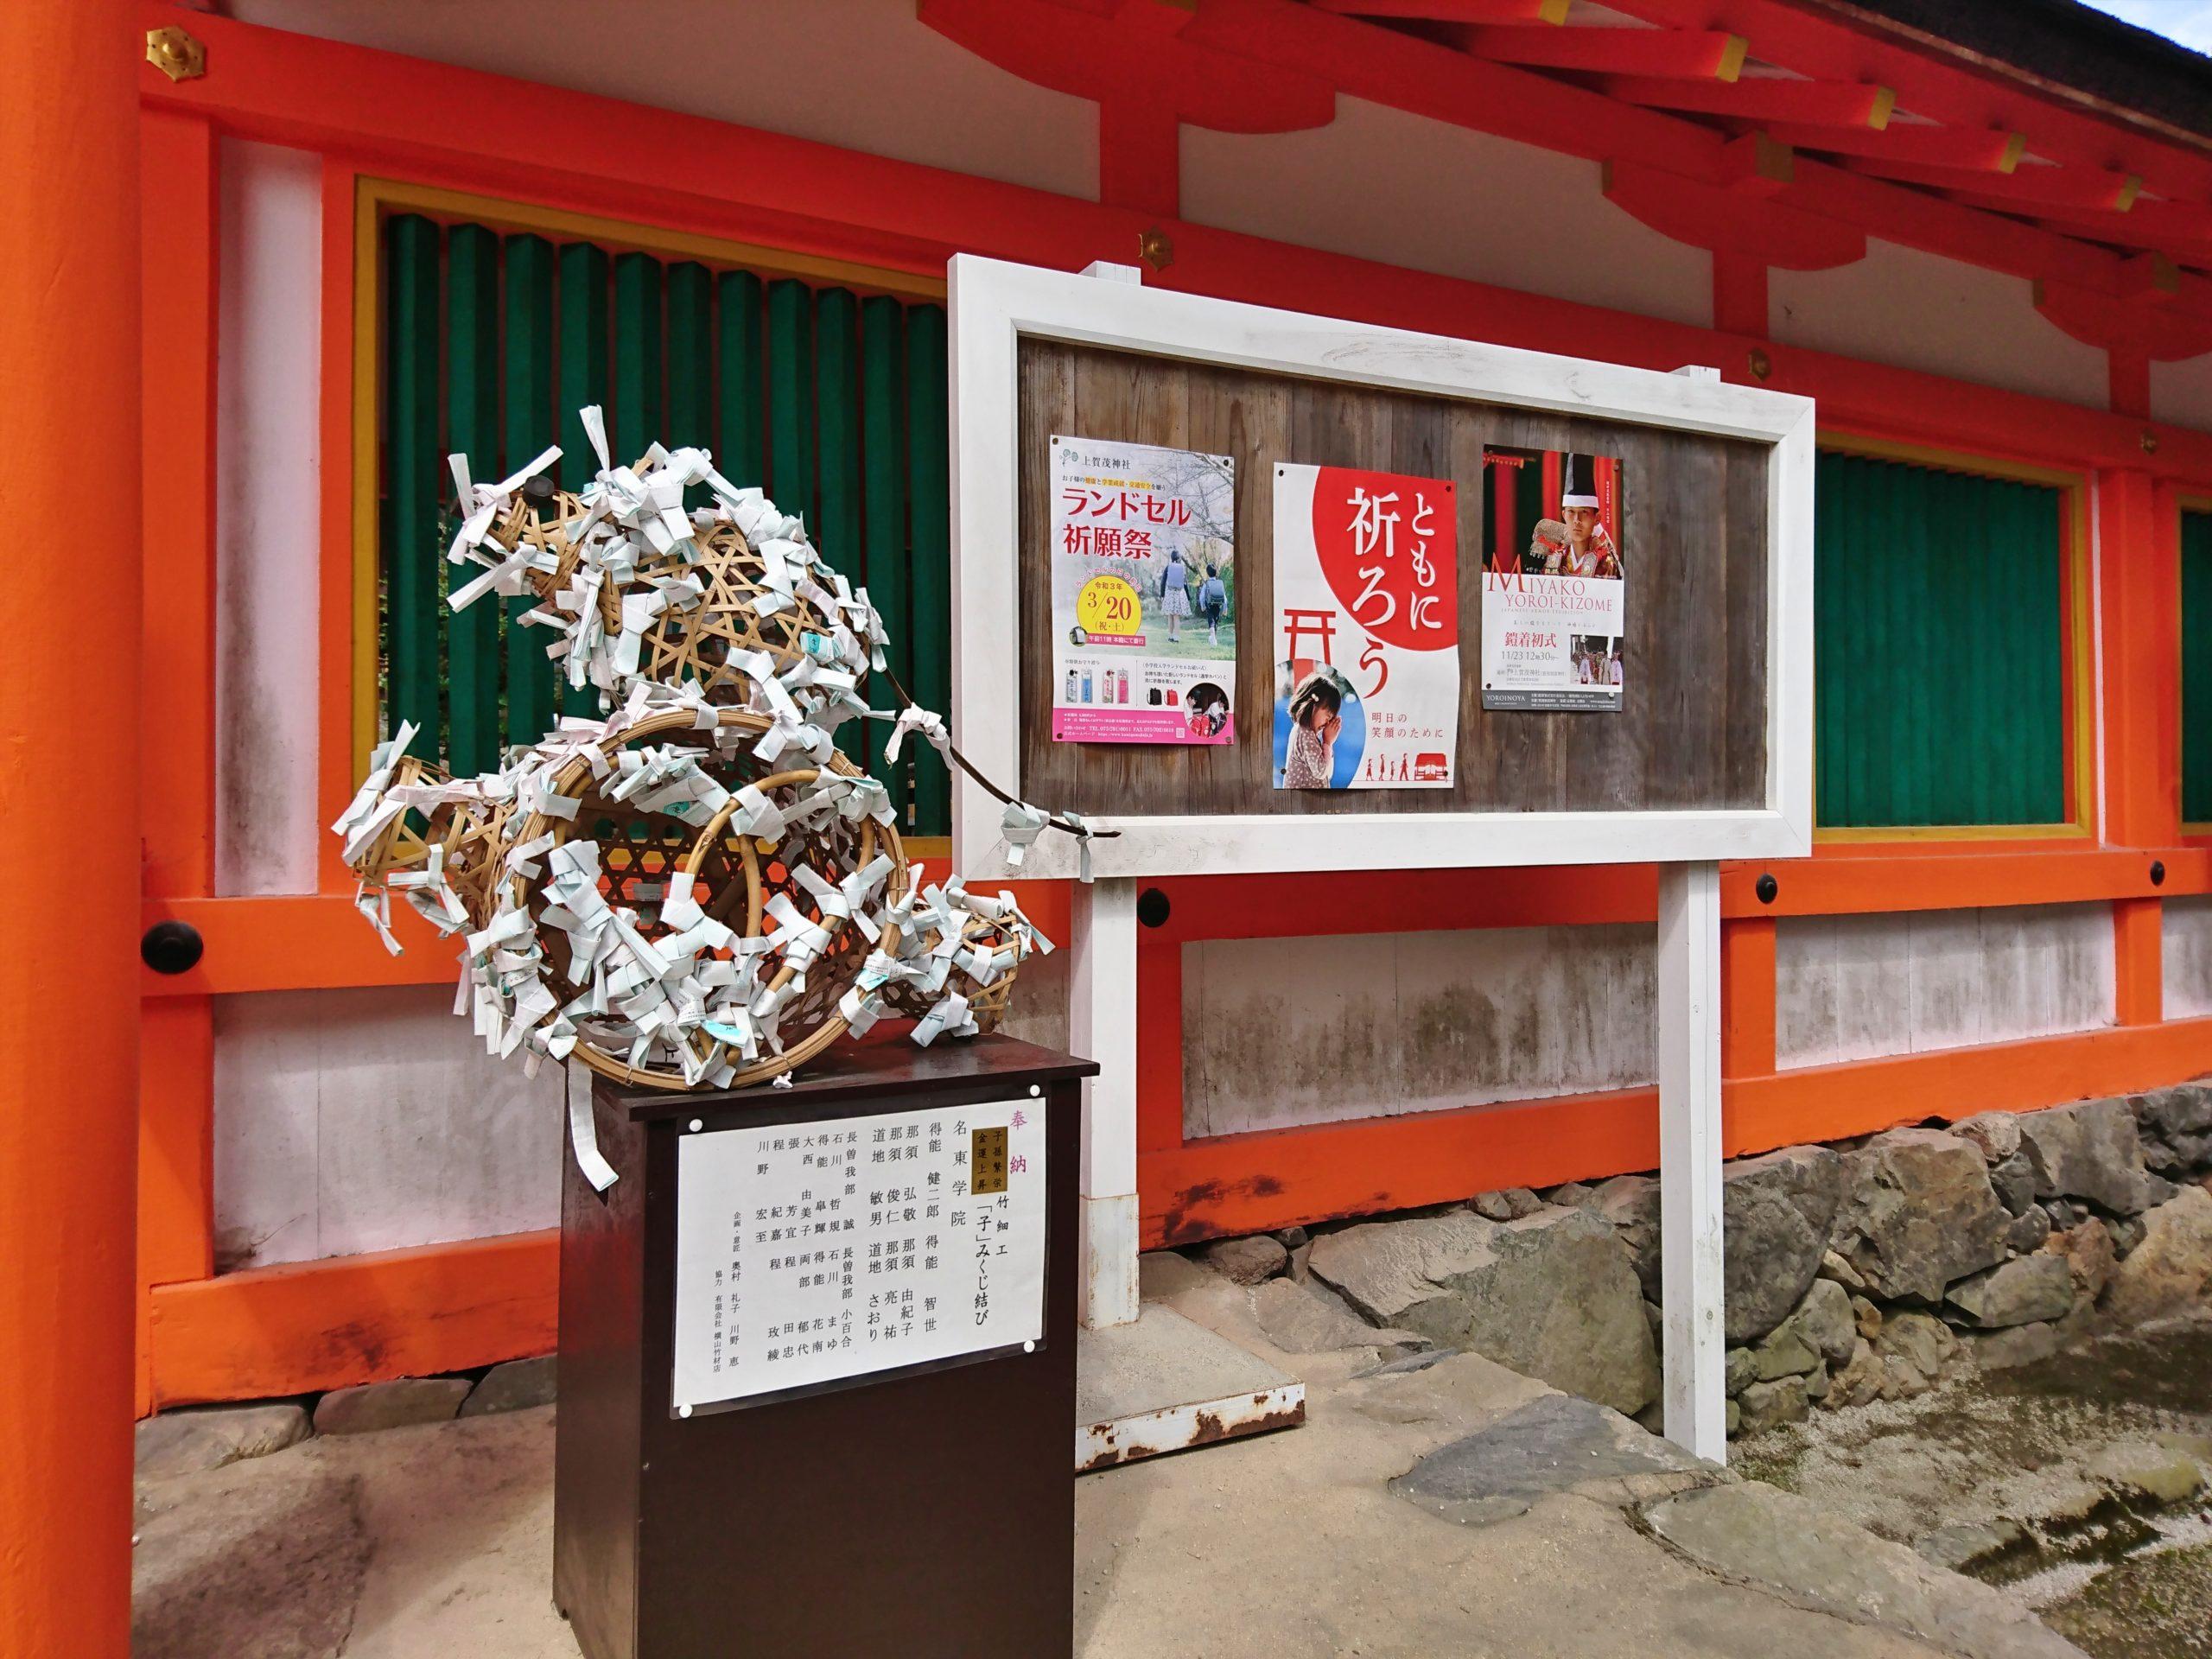 桜門の前にある干支のねずみの結び処